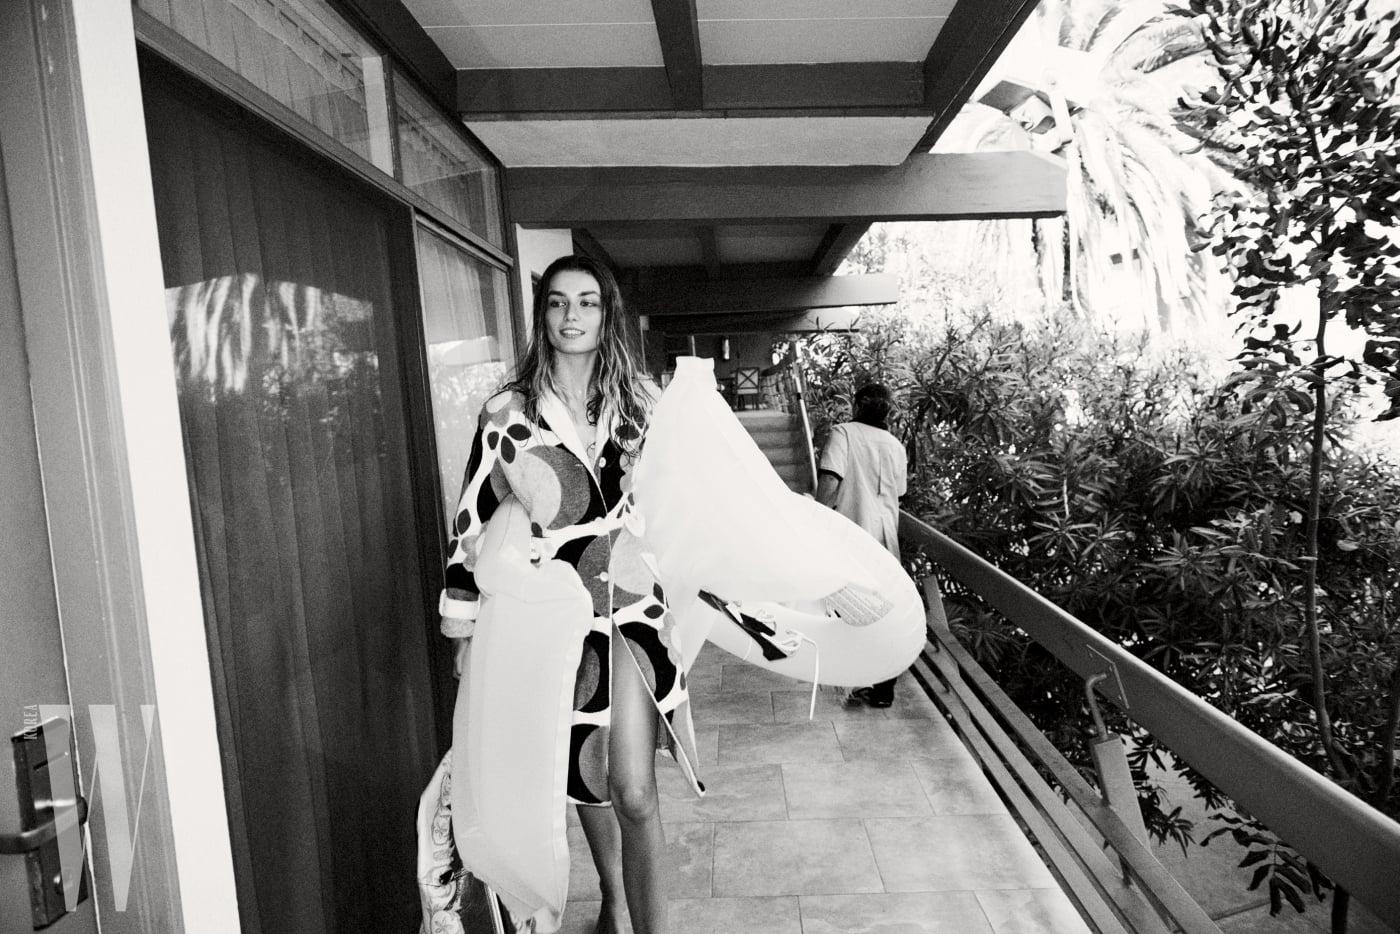 로브는 Miu Miu, 블랭킷 백은 Balenciaga, 손에 든 스트랩 슈즈는 Regeneration Vintage by Los Angeles 제품.